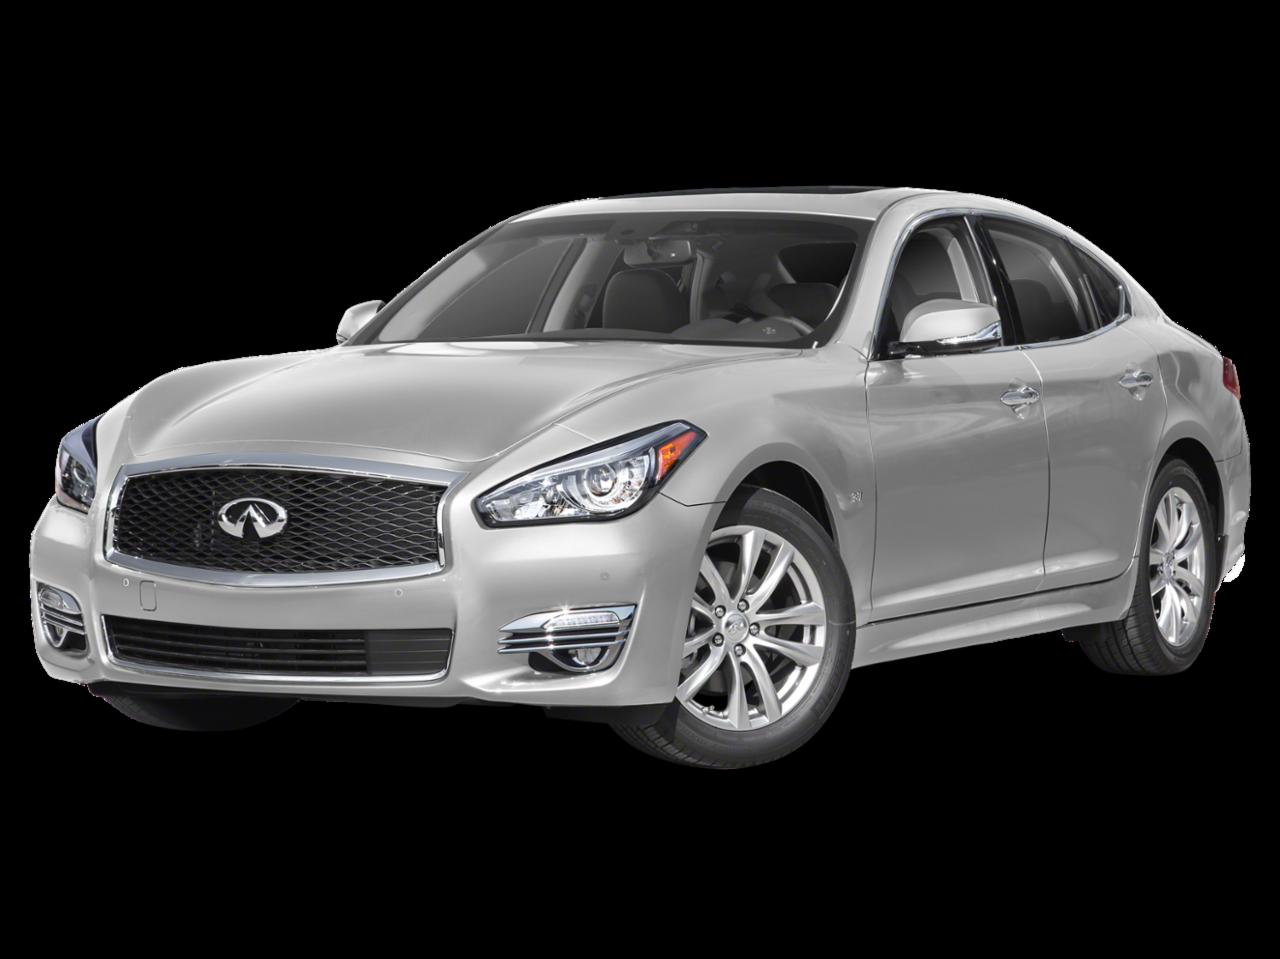 INFINITI 2019 Q70 3.7 LUXE AWD